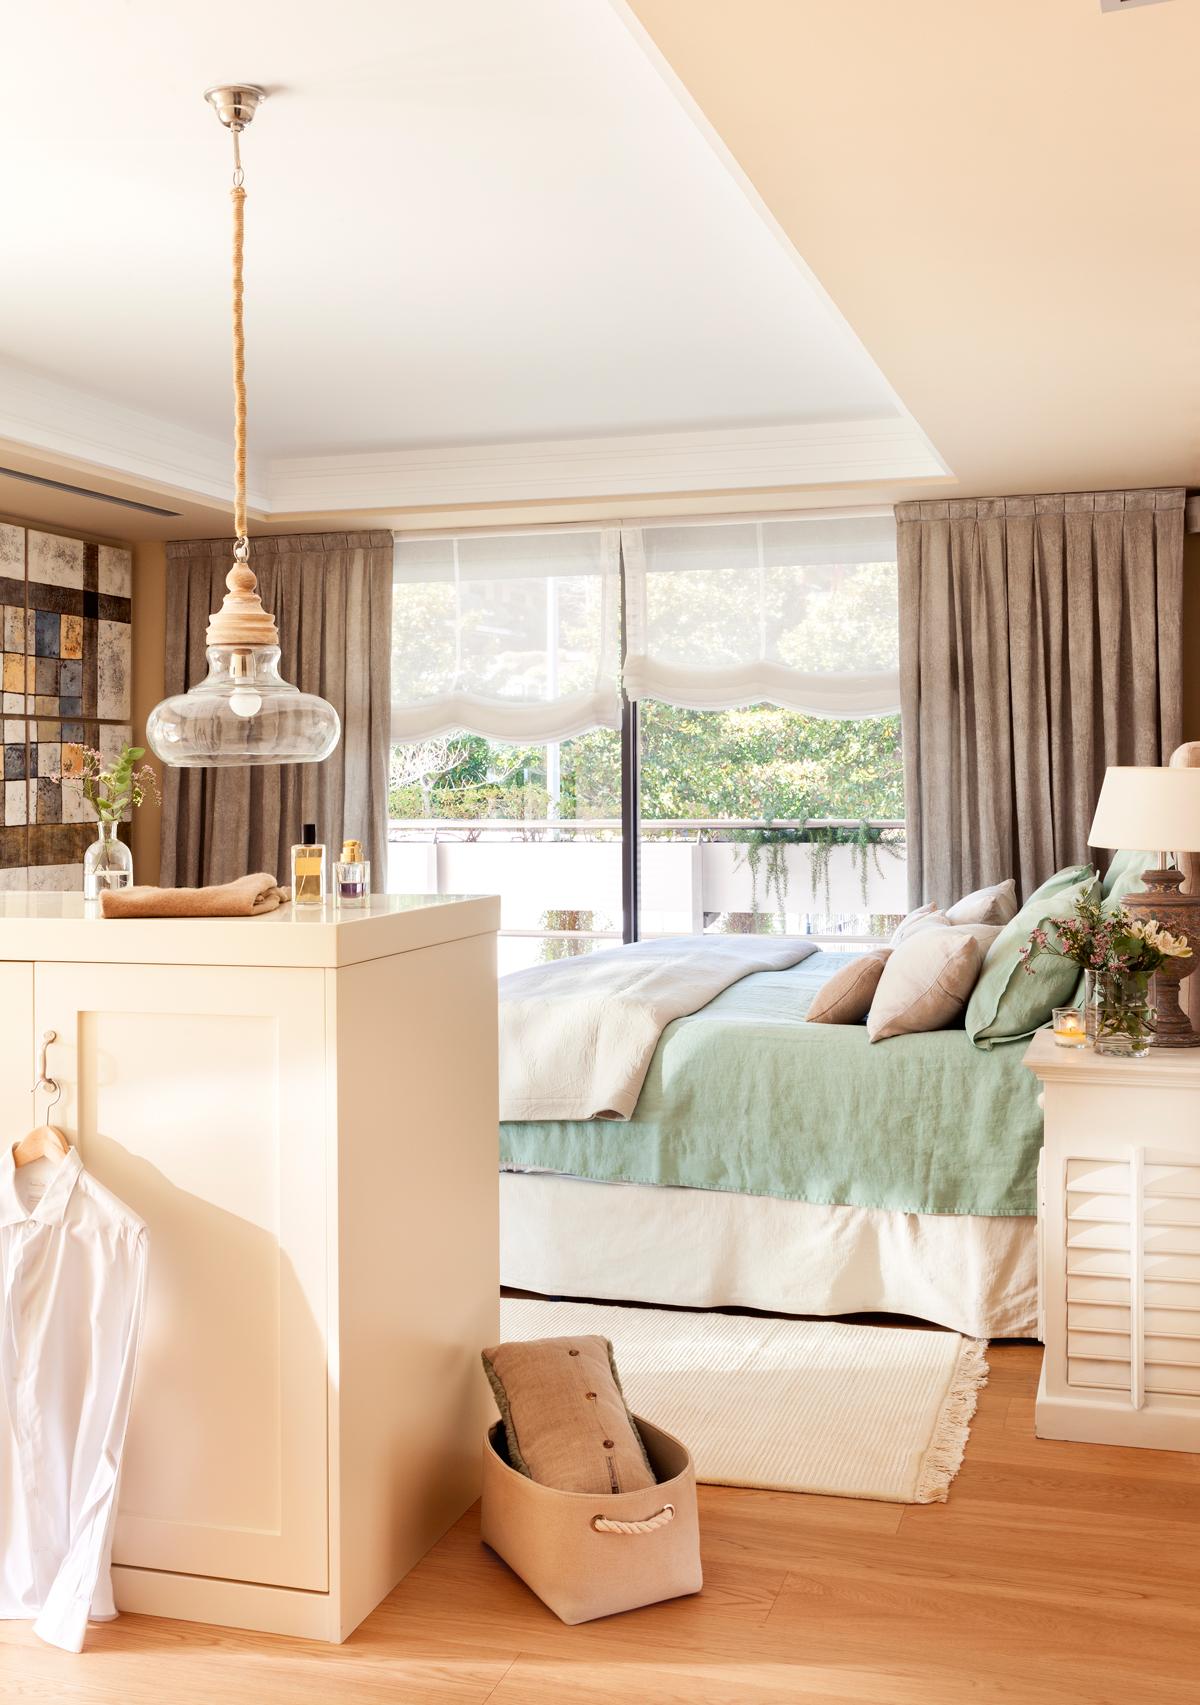 20 l mparas para decorar toda tu casa - El mueble cortinas ...